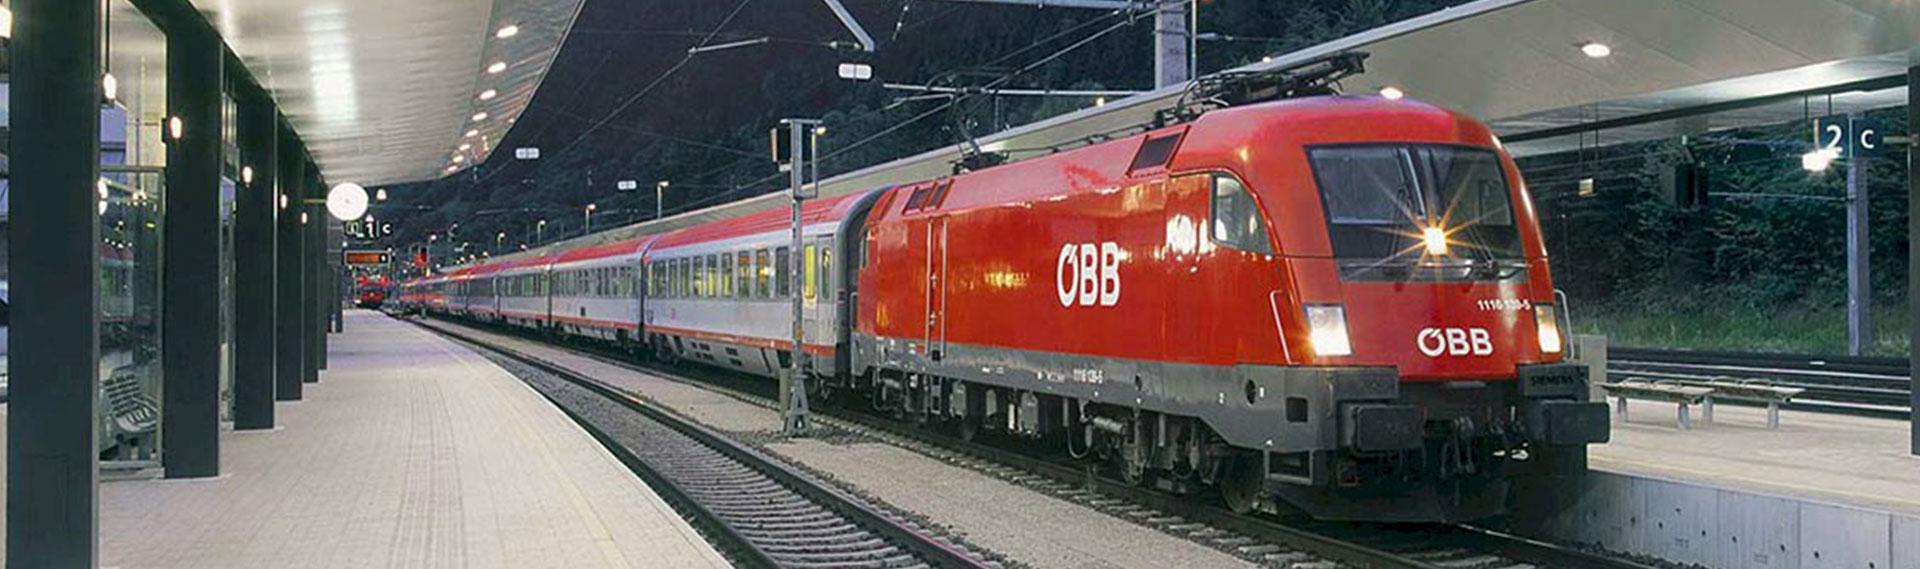 Austria-OBB-Intercity-departure